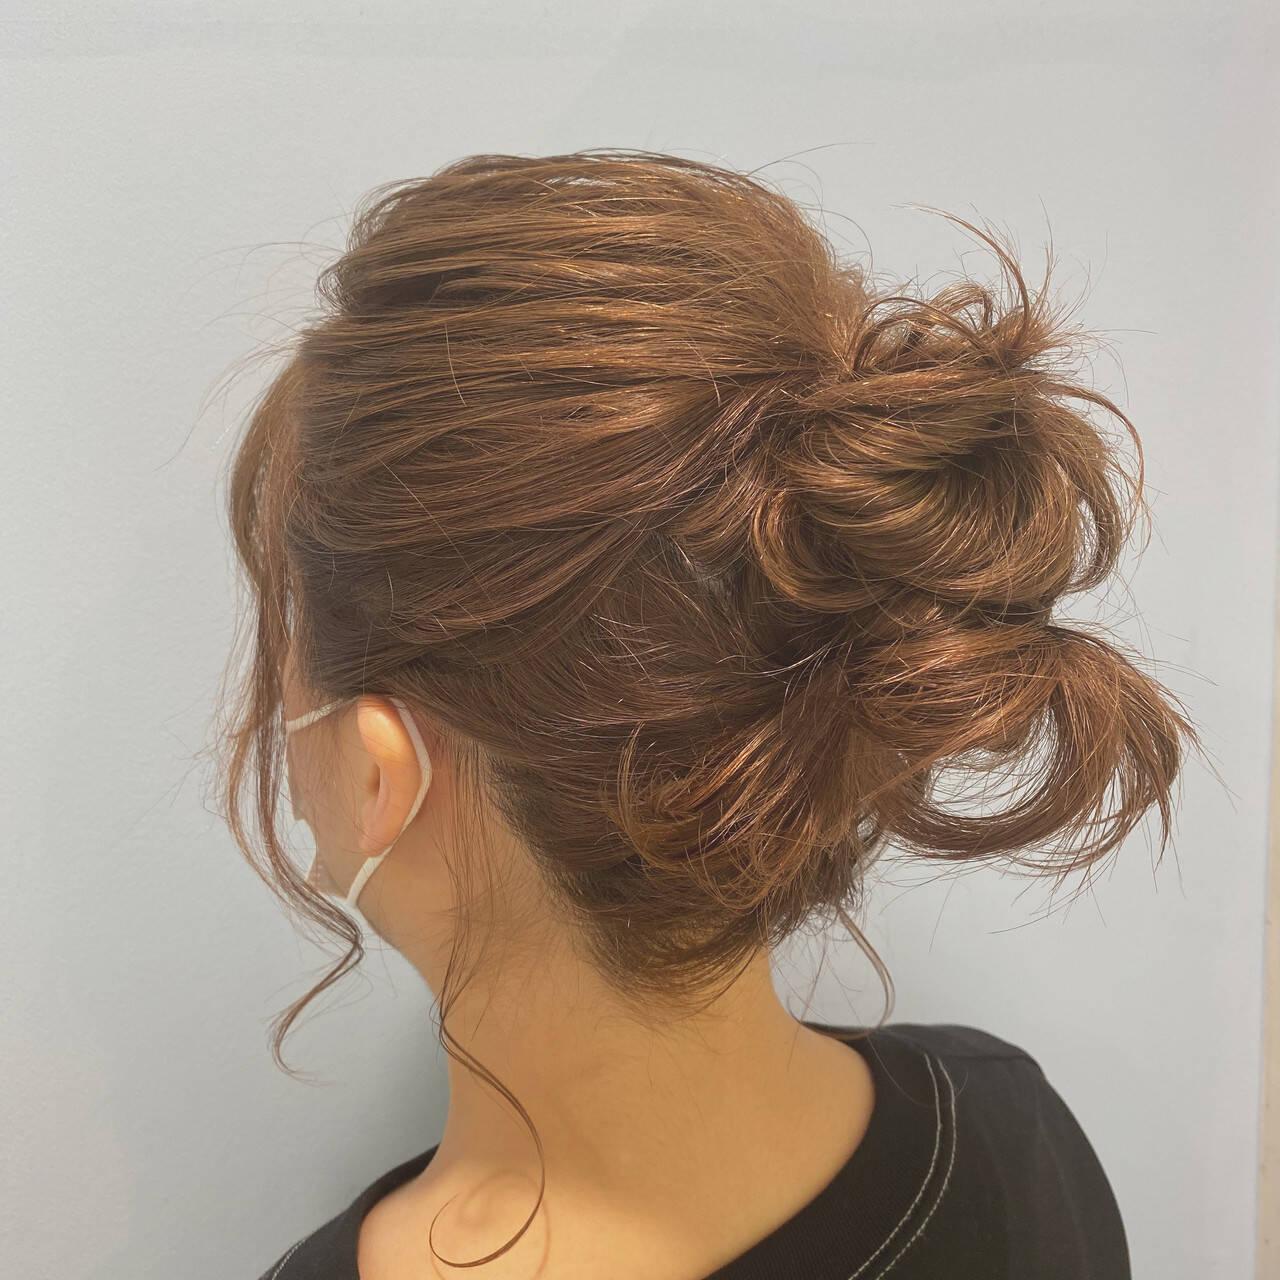 ヘアアレンジ ナチュラル ボブ 簡単ヘアアレンジヘアスタイルや髪型の写真・画像